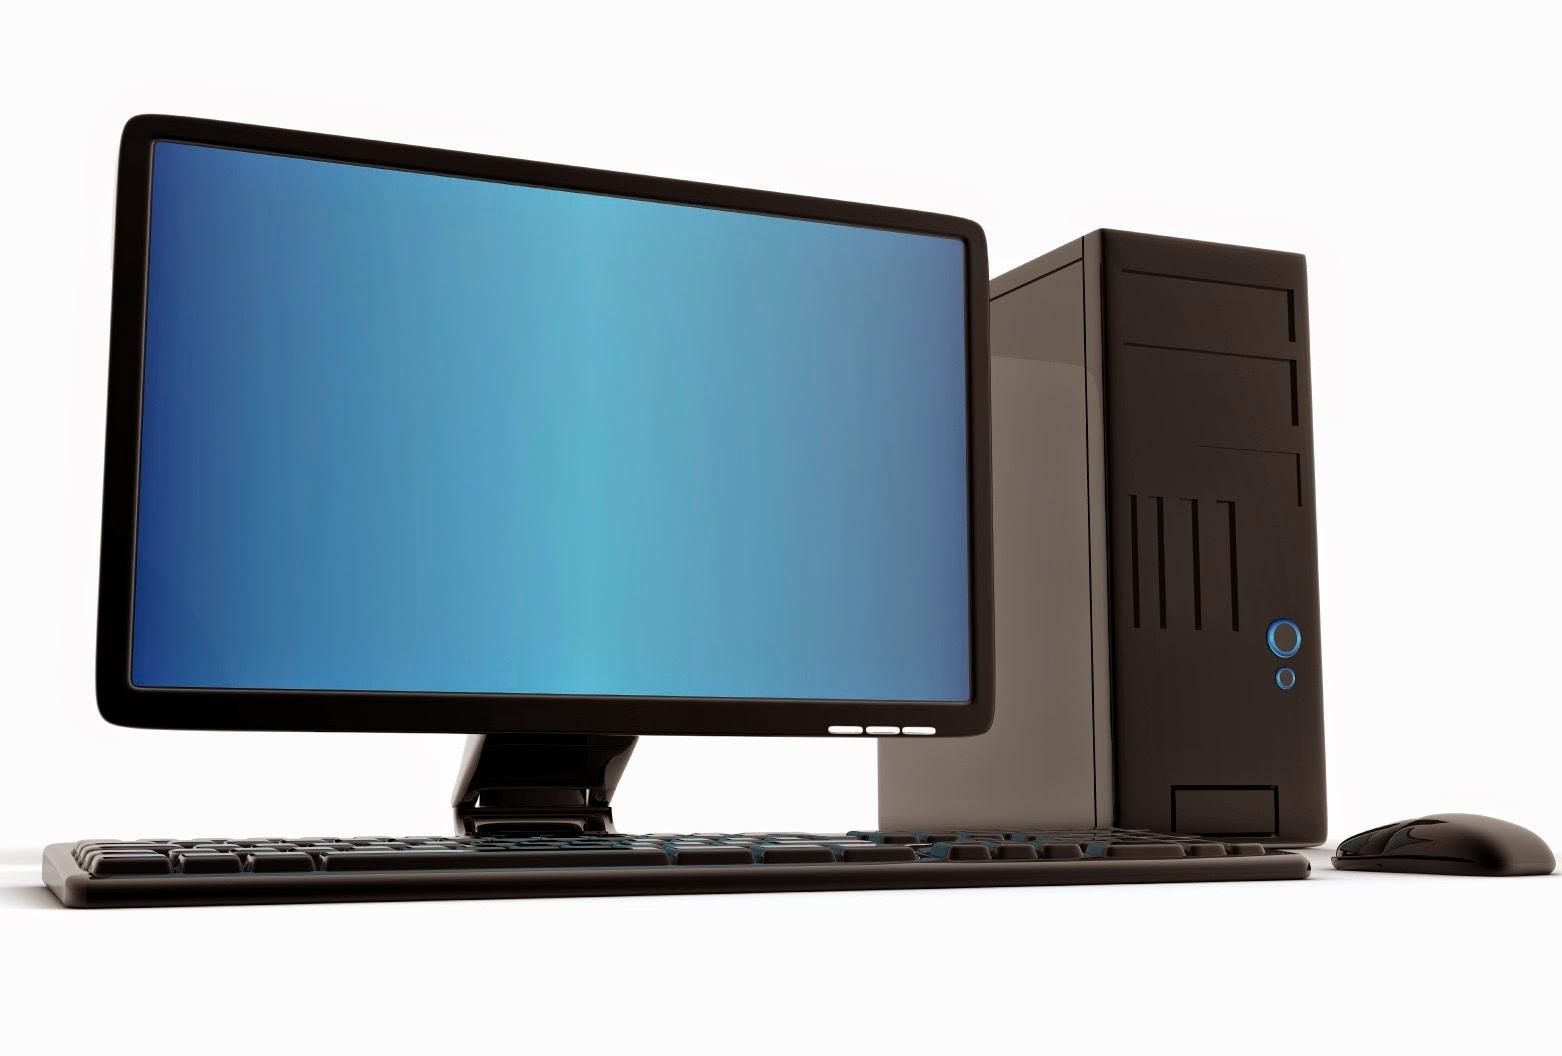 Daftar Harga Komputer Terbaru Daftar Harga Komputer Pc